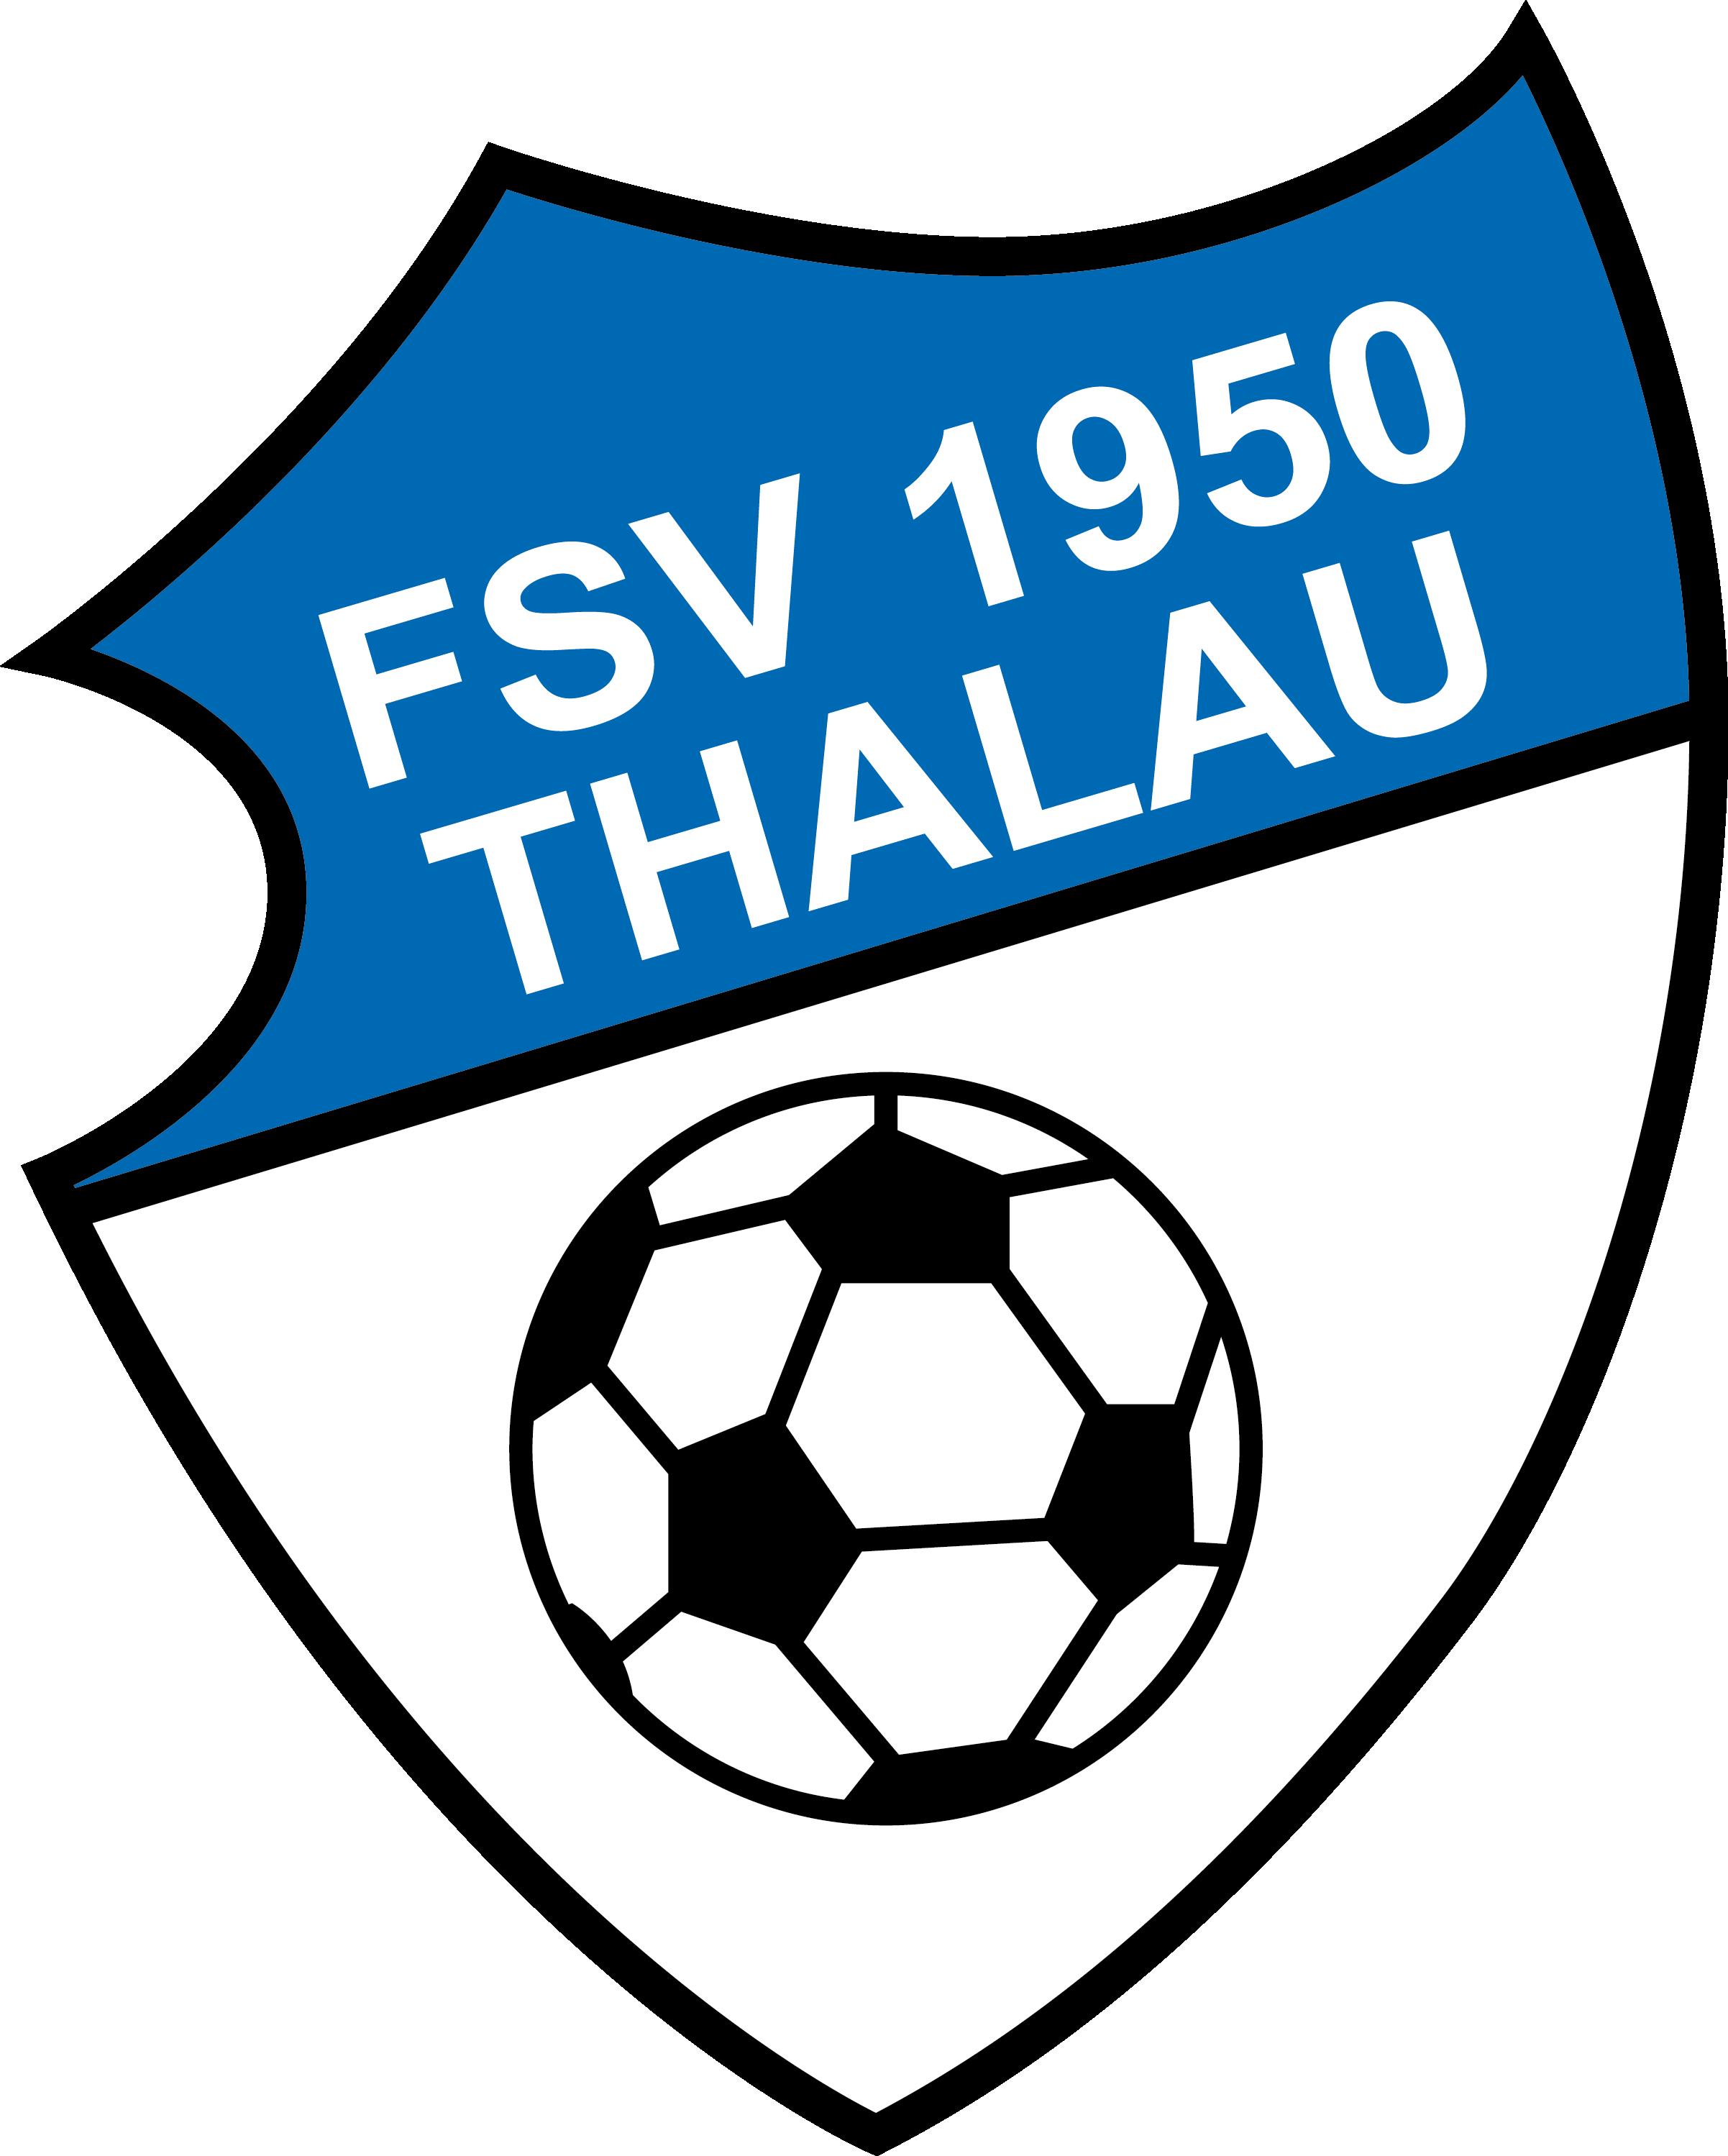 FSV 1950 Thalau